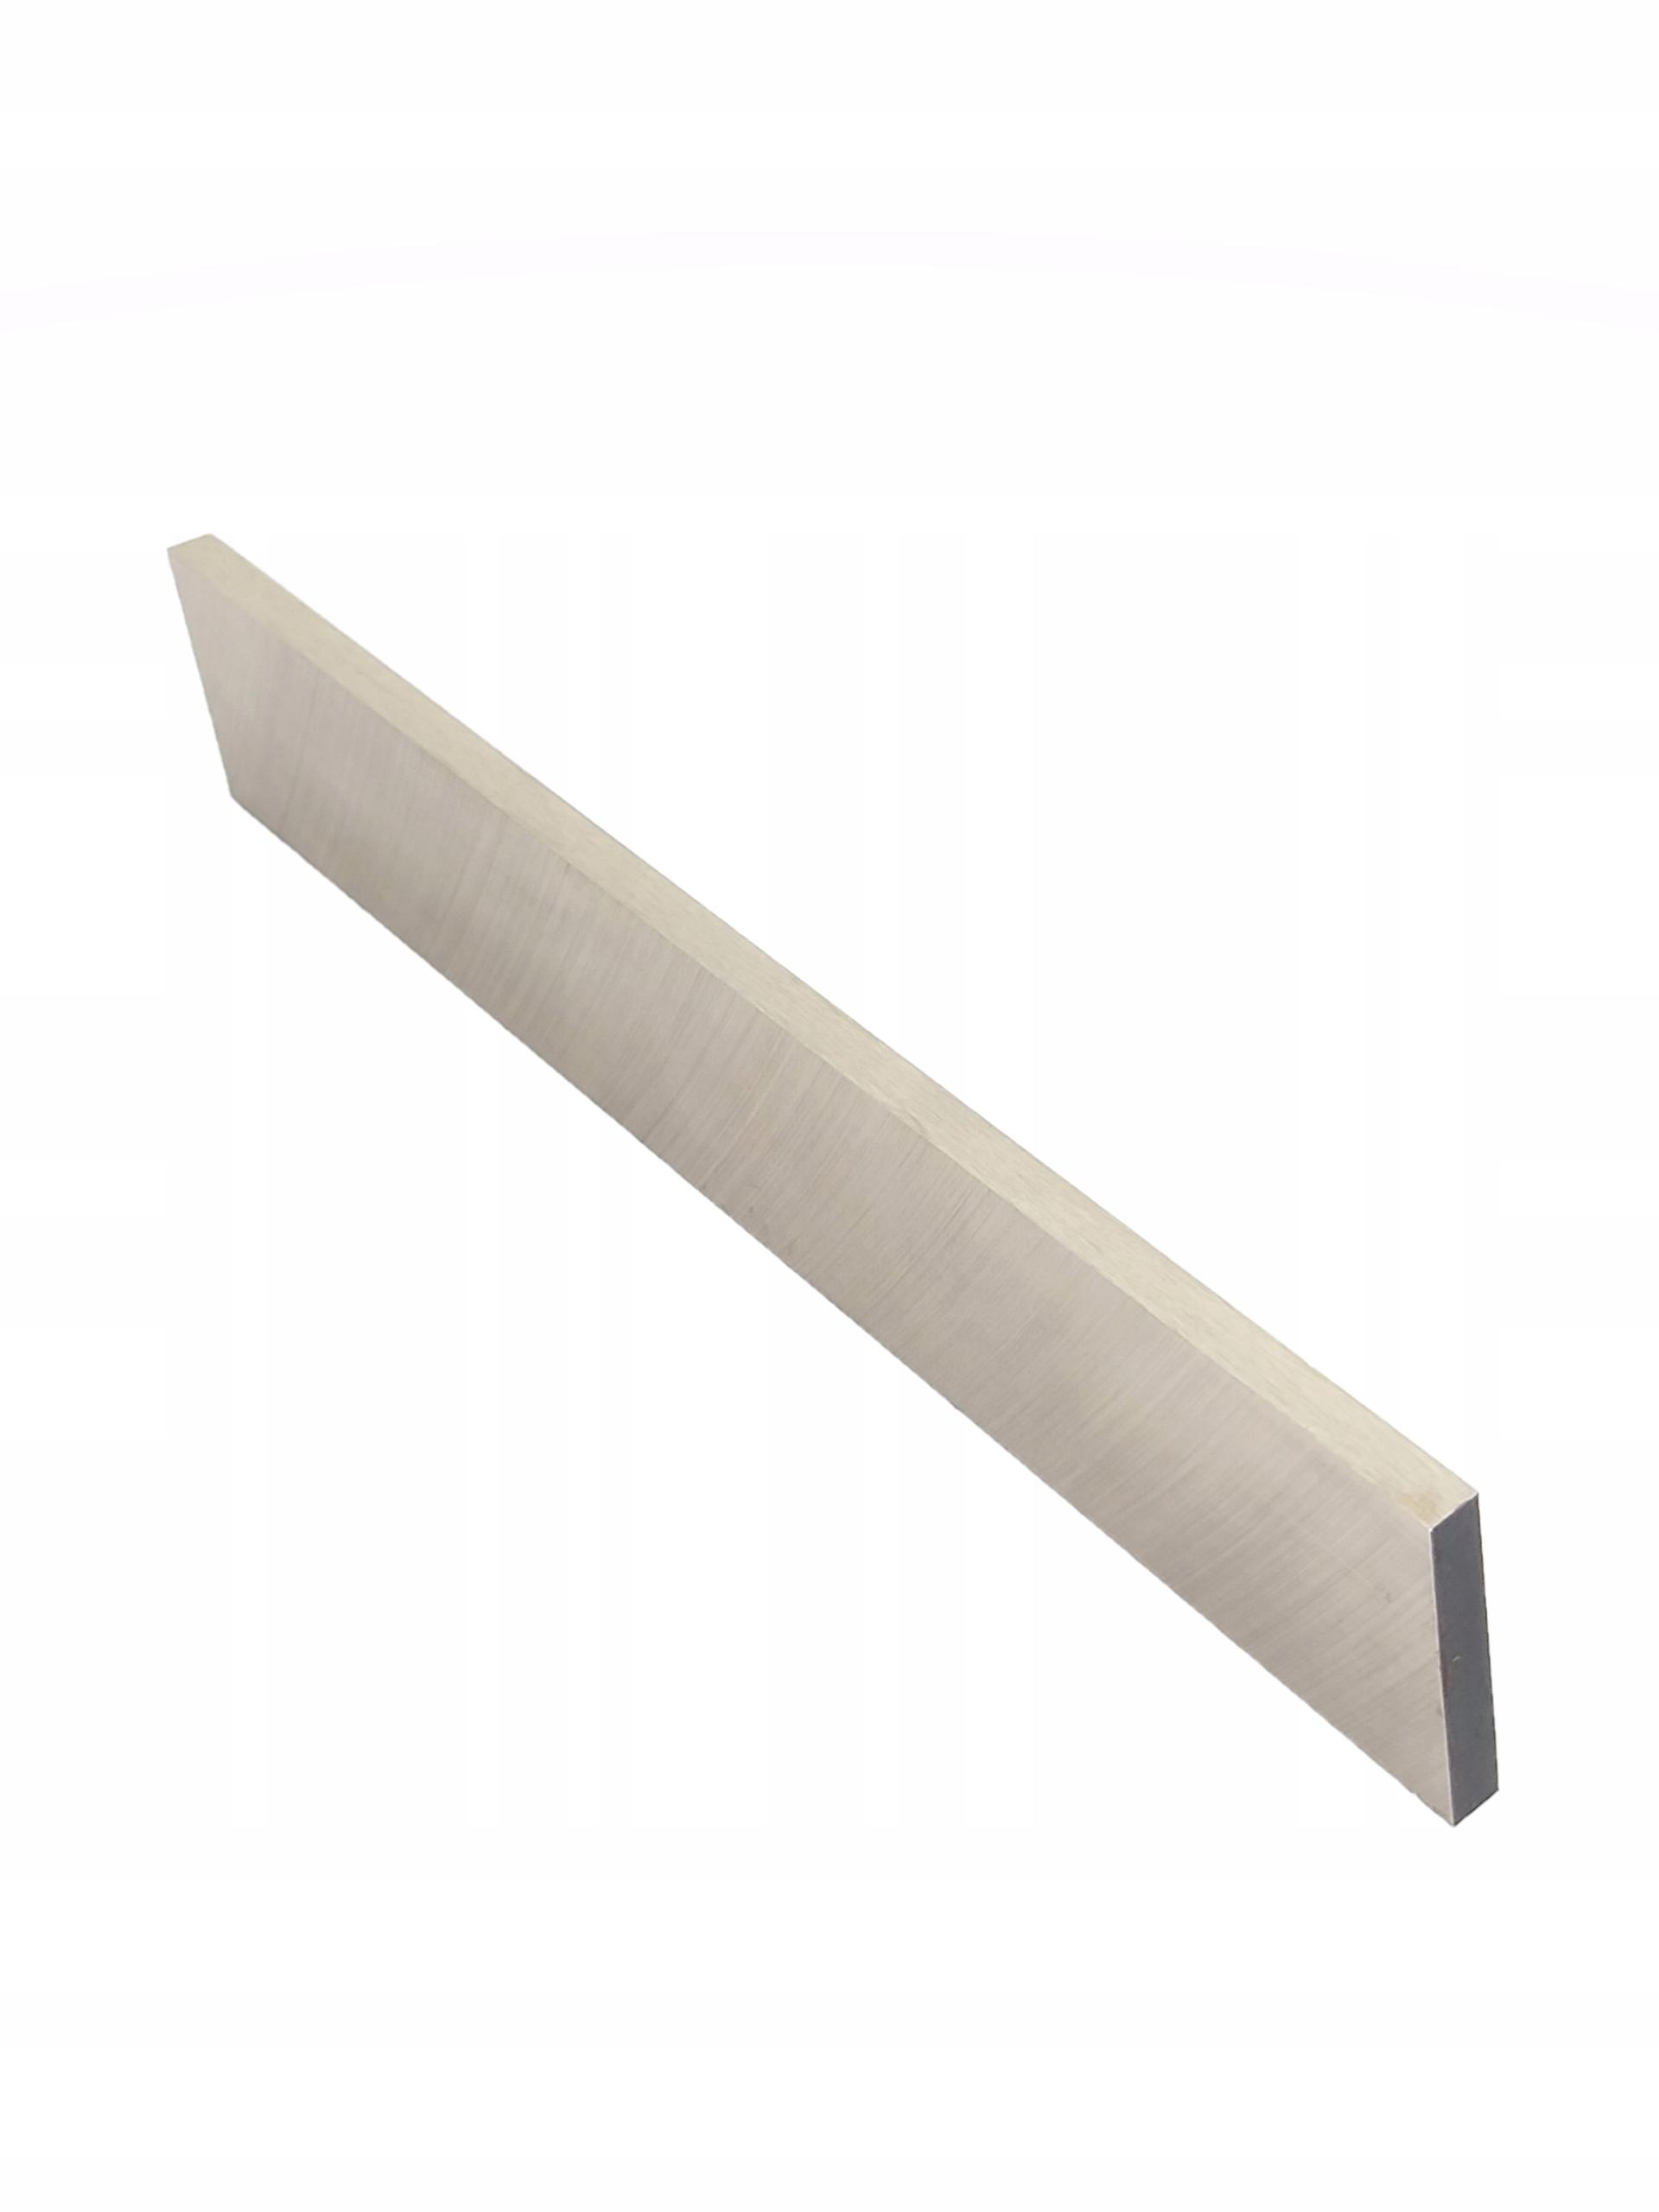 Palka Palki HSS Nože Odstráňte nôž 12x5x160